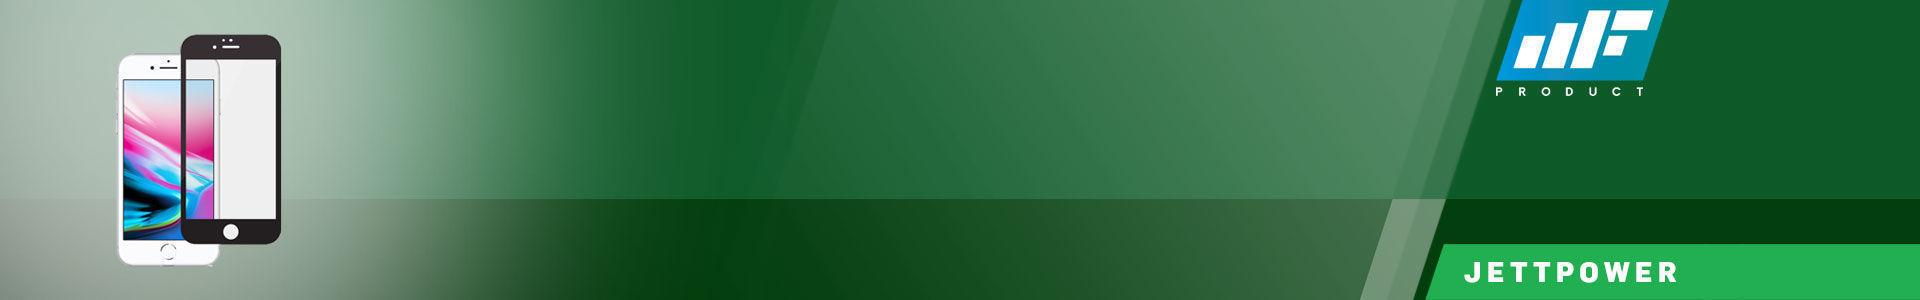 MF Product Jettpower 0388 Premium Ekran Koruyucu Cam iPhone İ7/İ8/SE 2 için en doğru adrestesin!